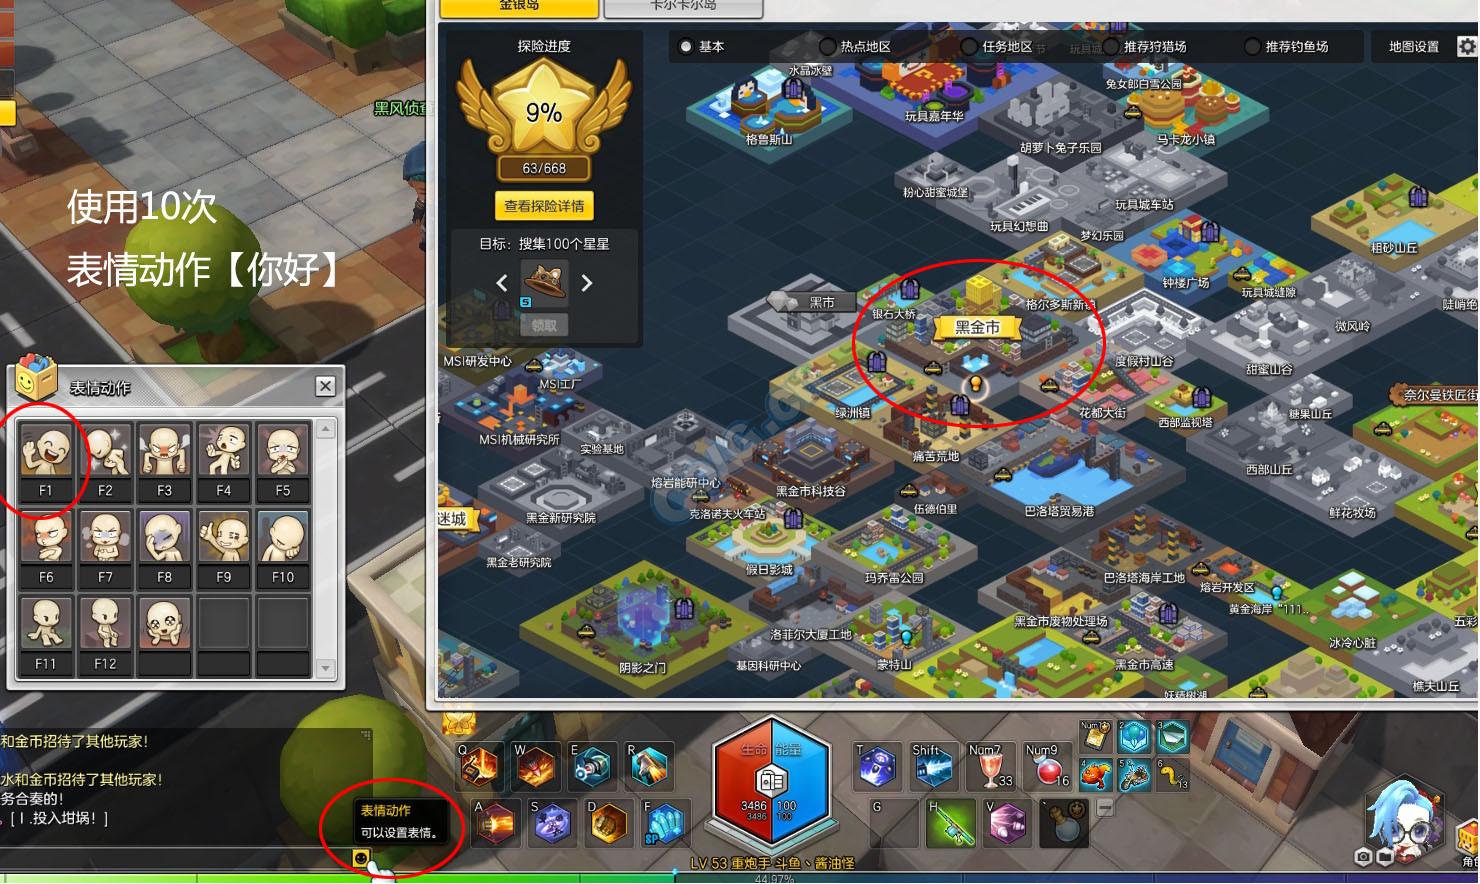 冒险岛2每日任务 5月15日任务攻略